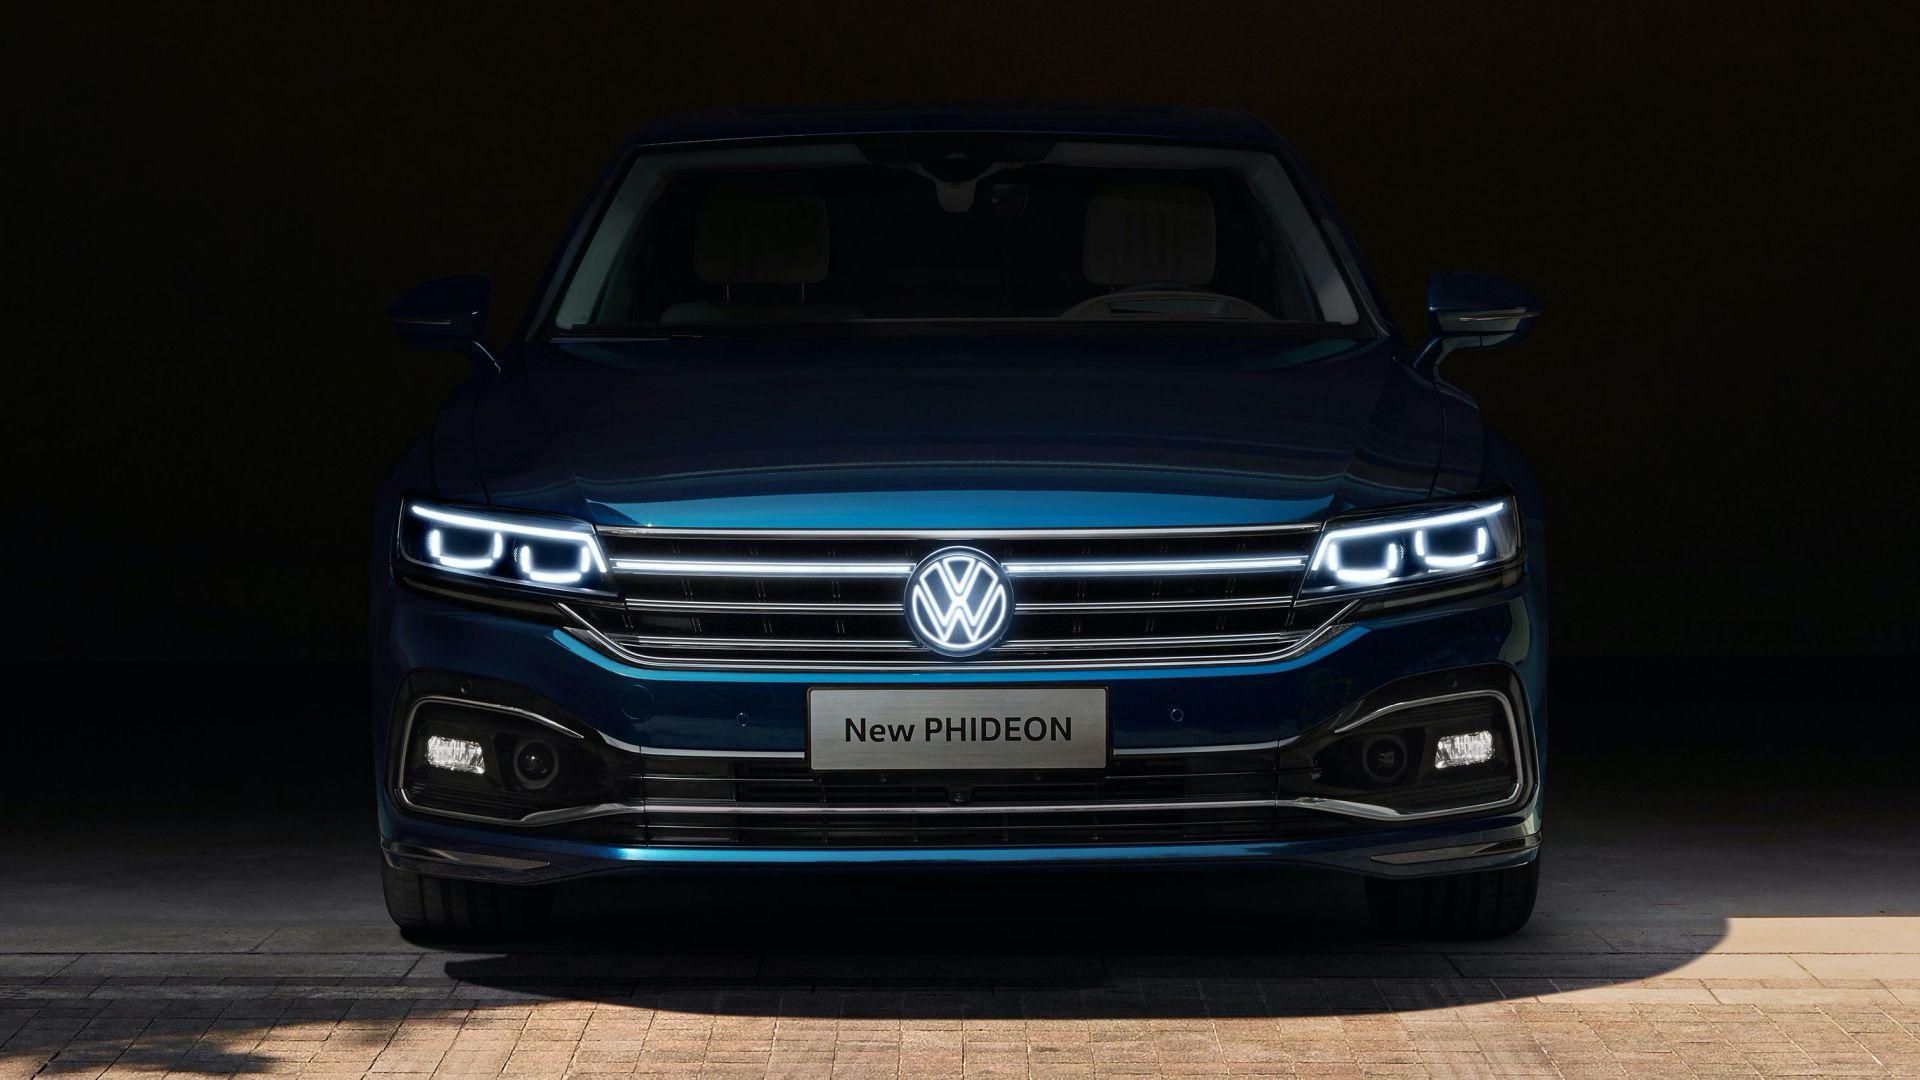 2021-Volkswagen-Phideon-facelift-6